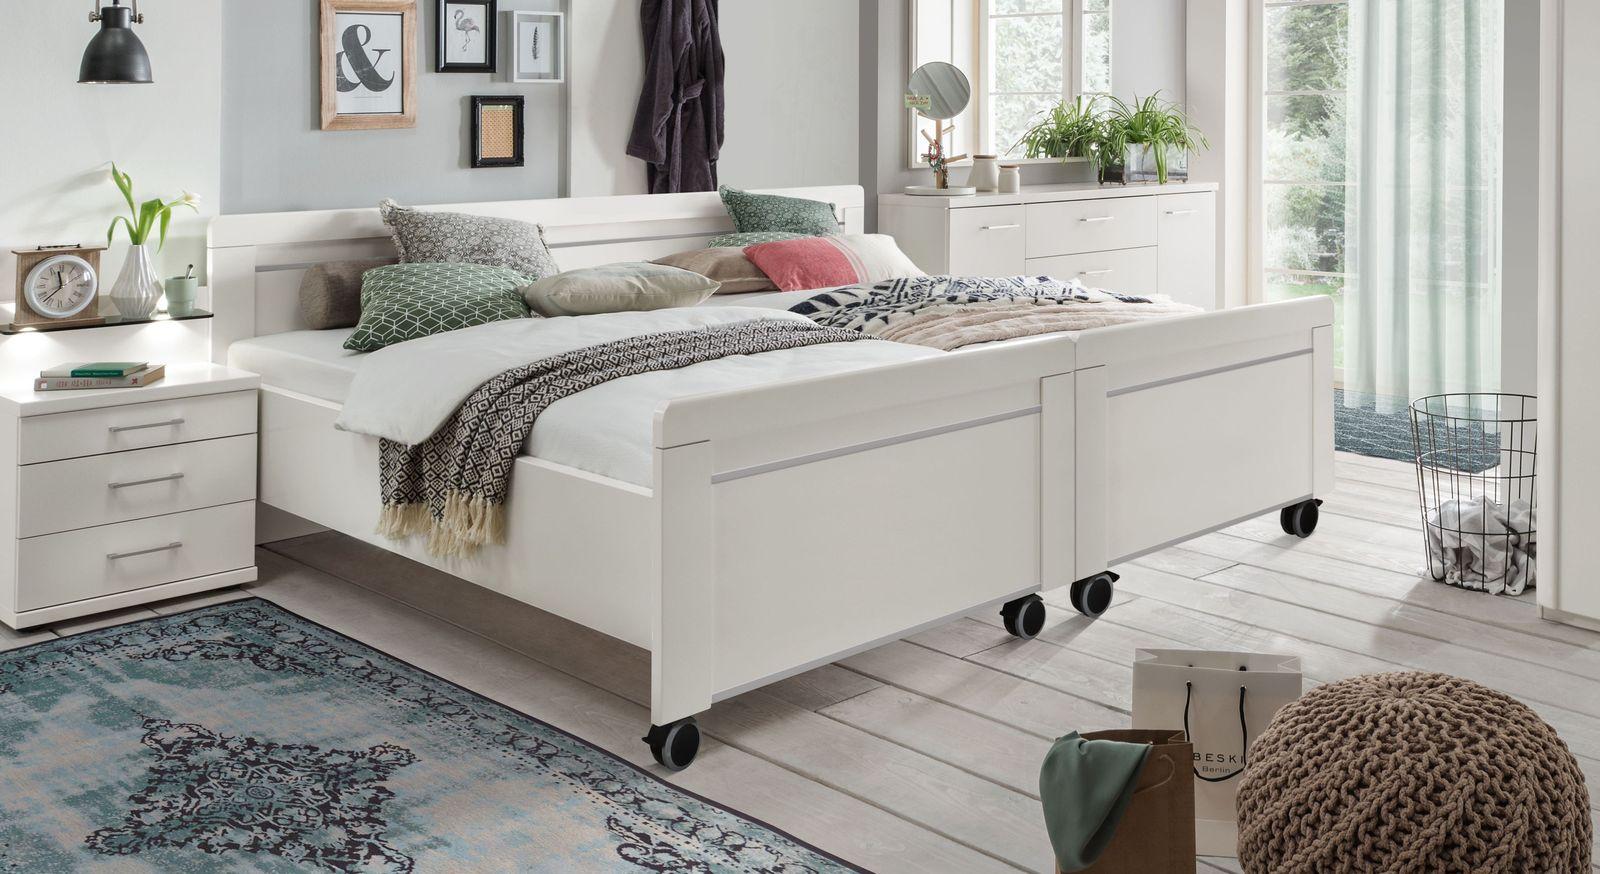 Preiswertes Senioren-Doppelbett Calimera in alpinweißem Dekor